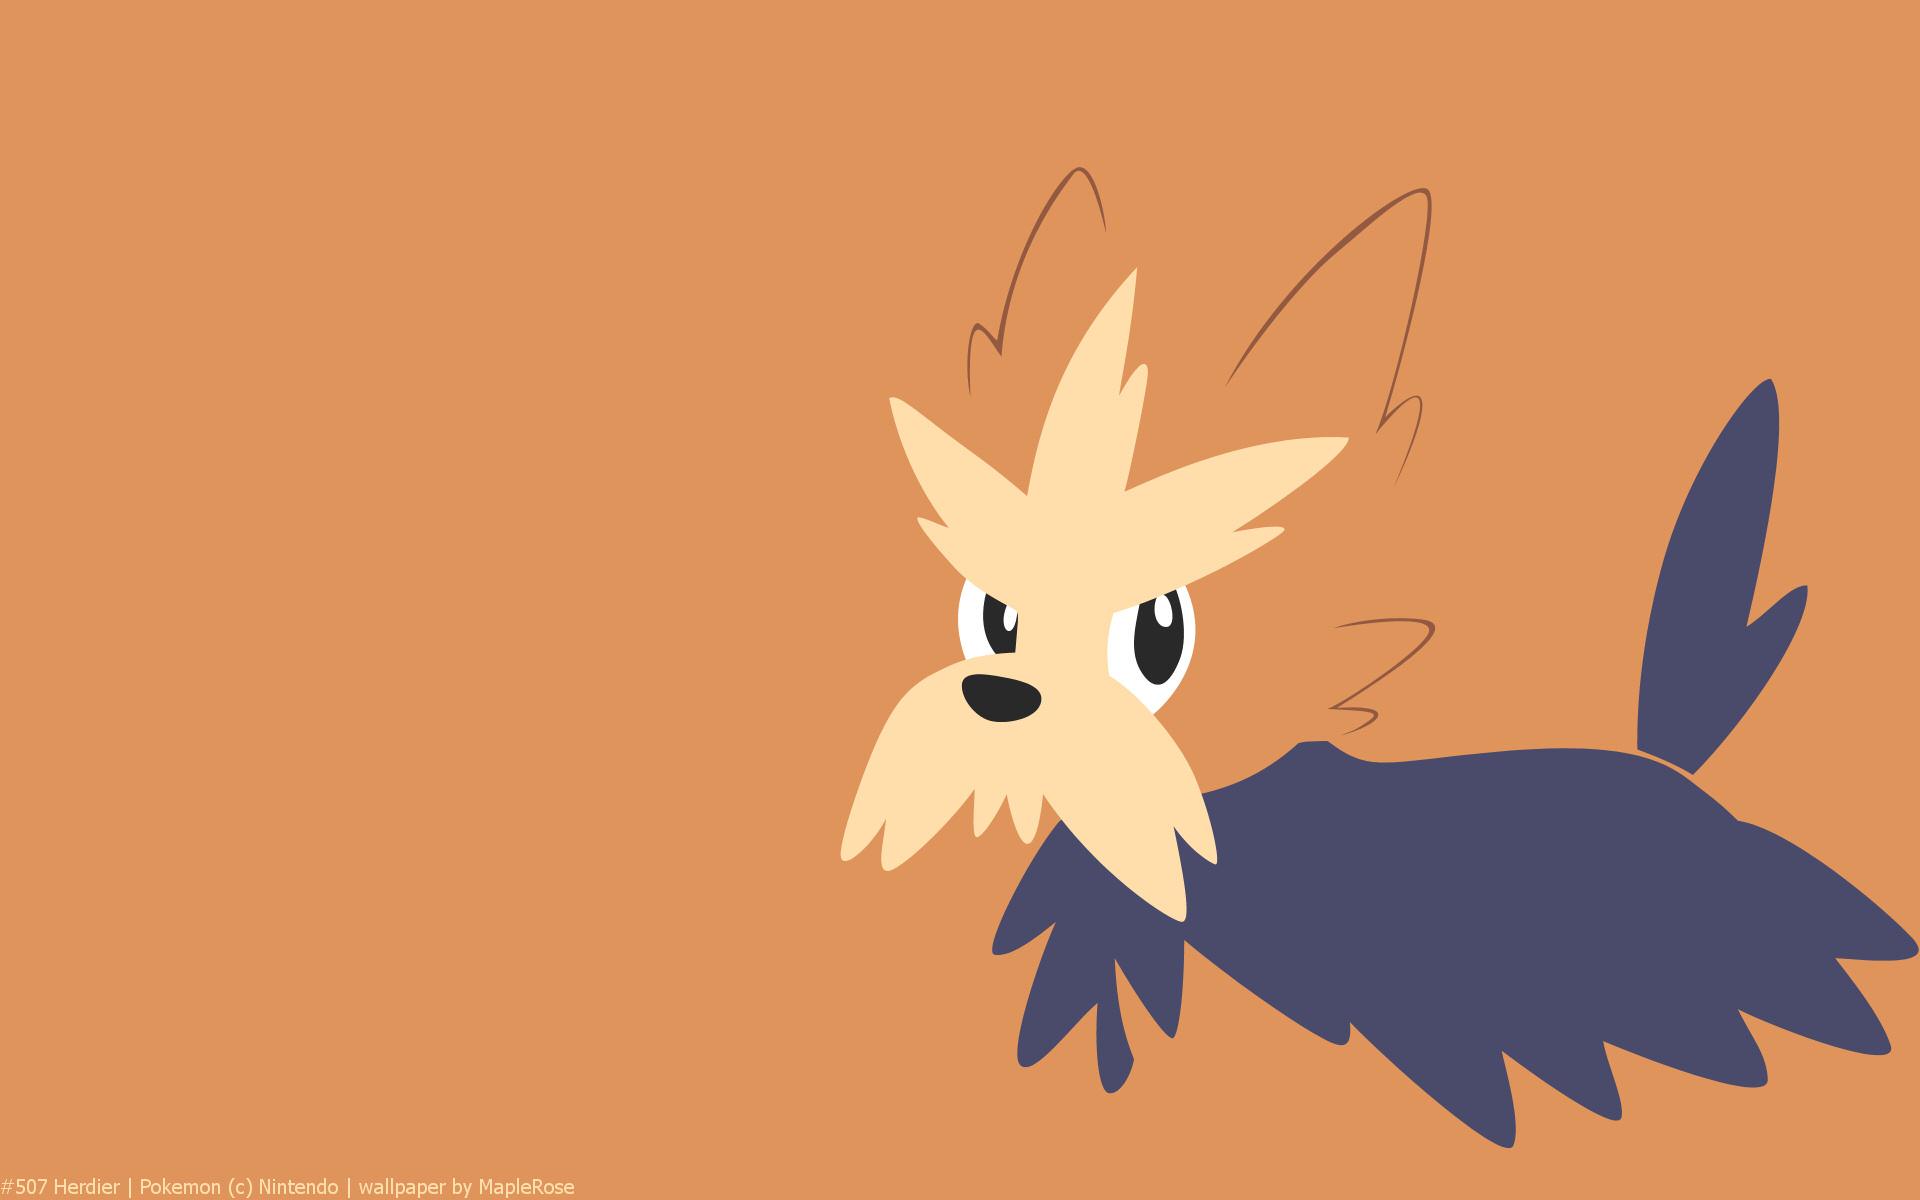 Herdier pokemon coloring pages - 507 Herdier